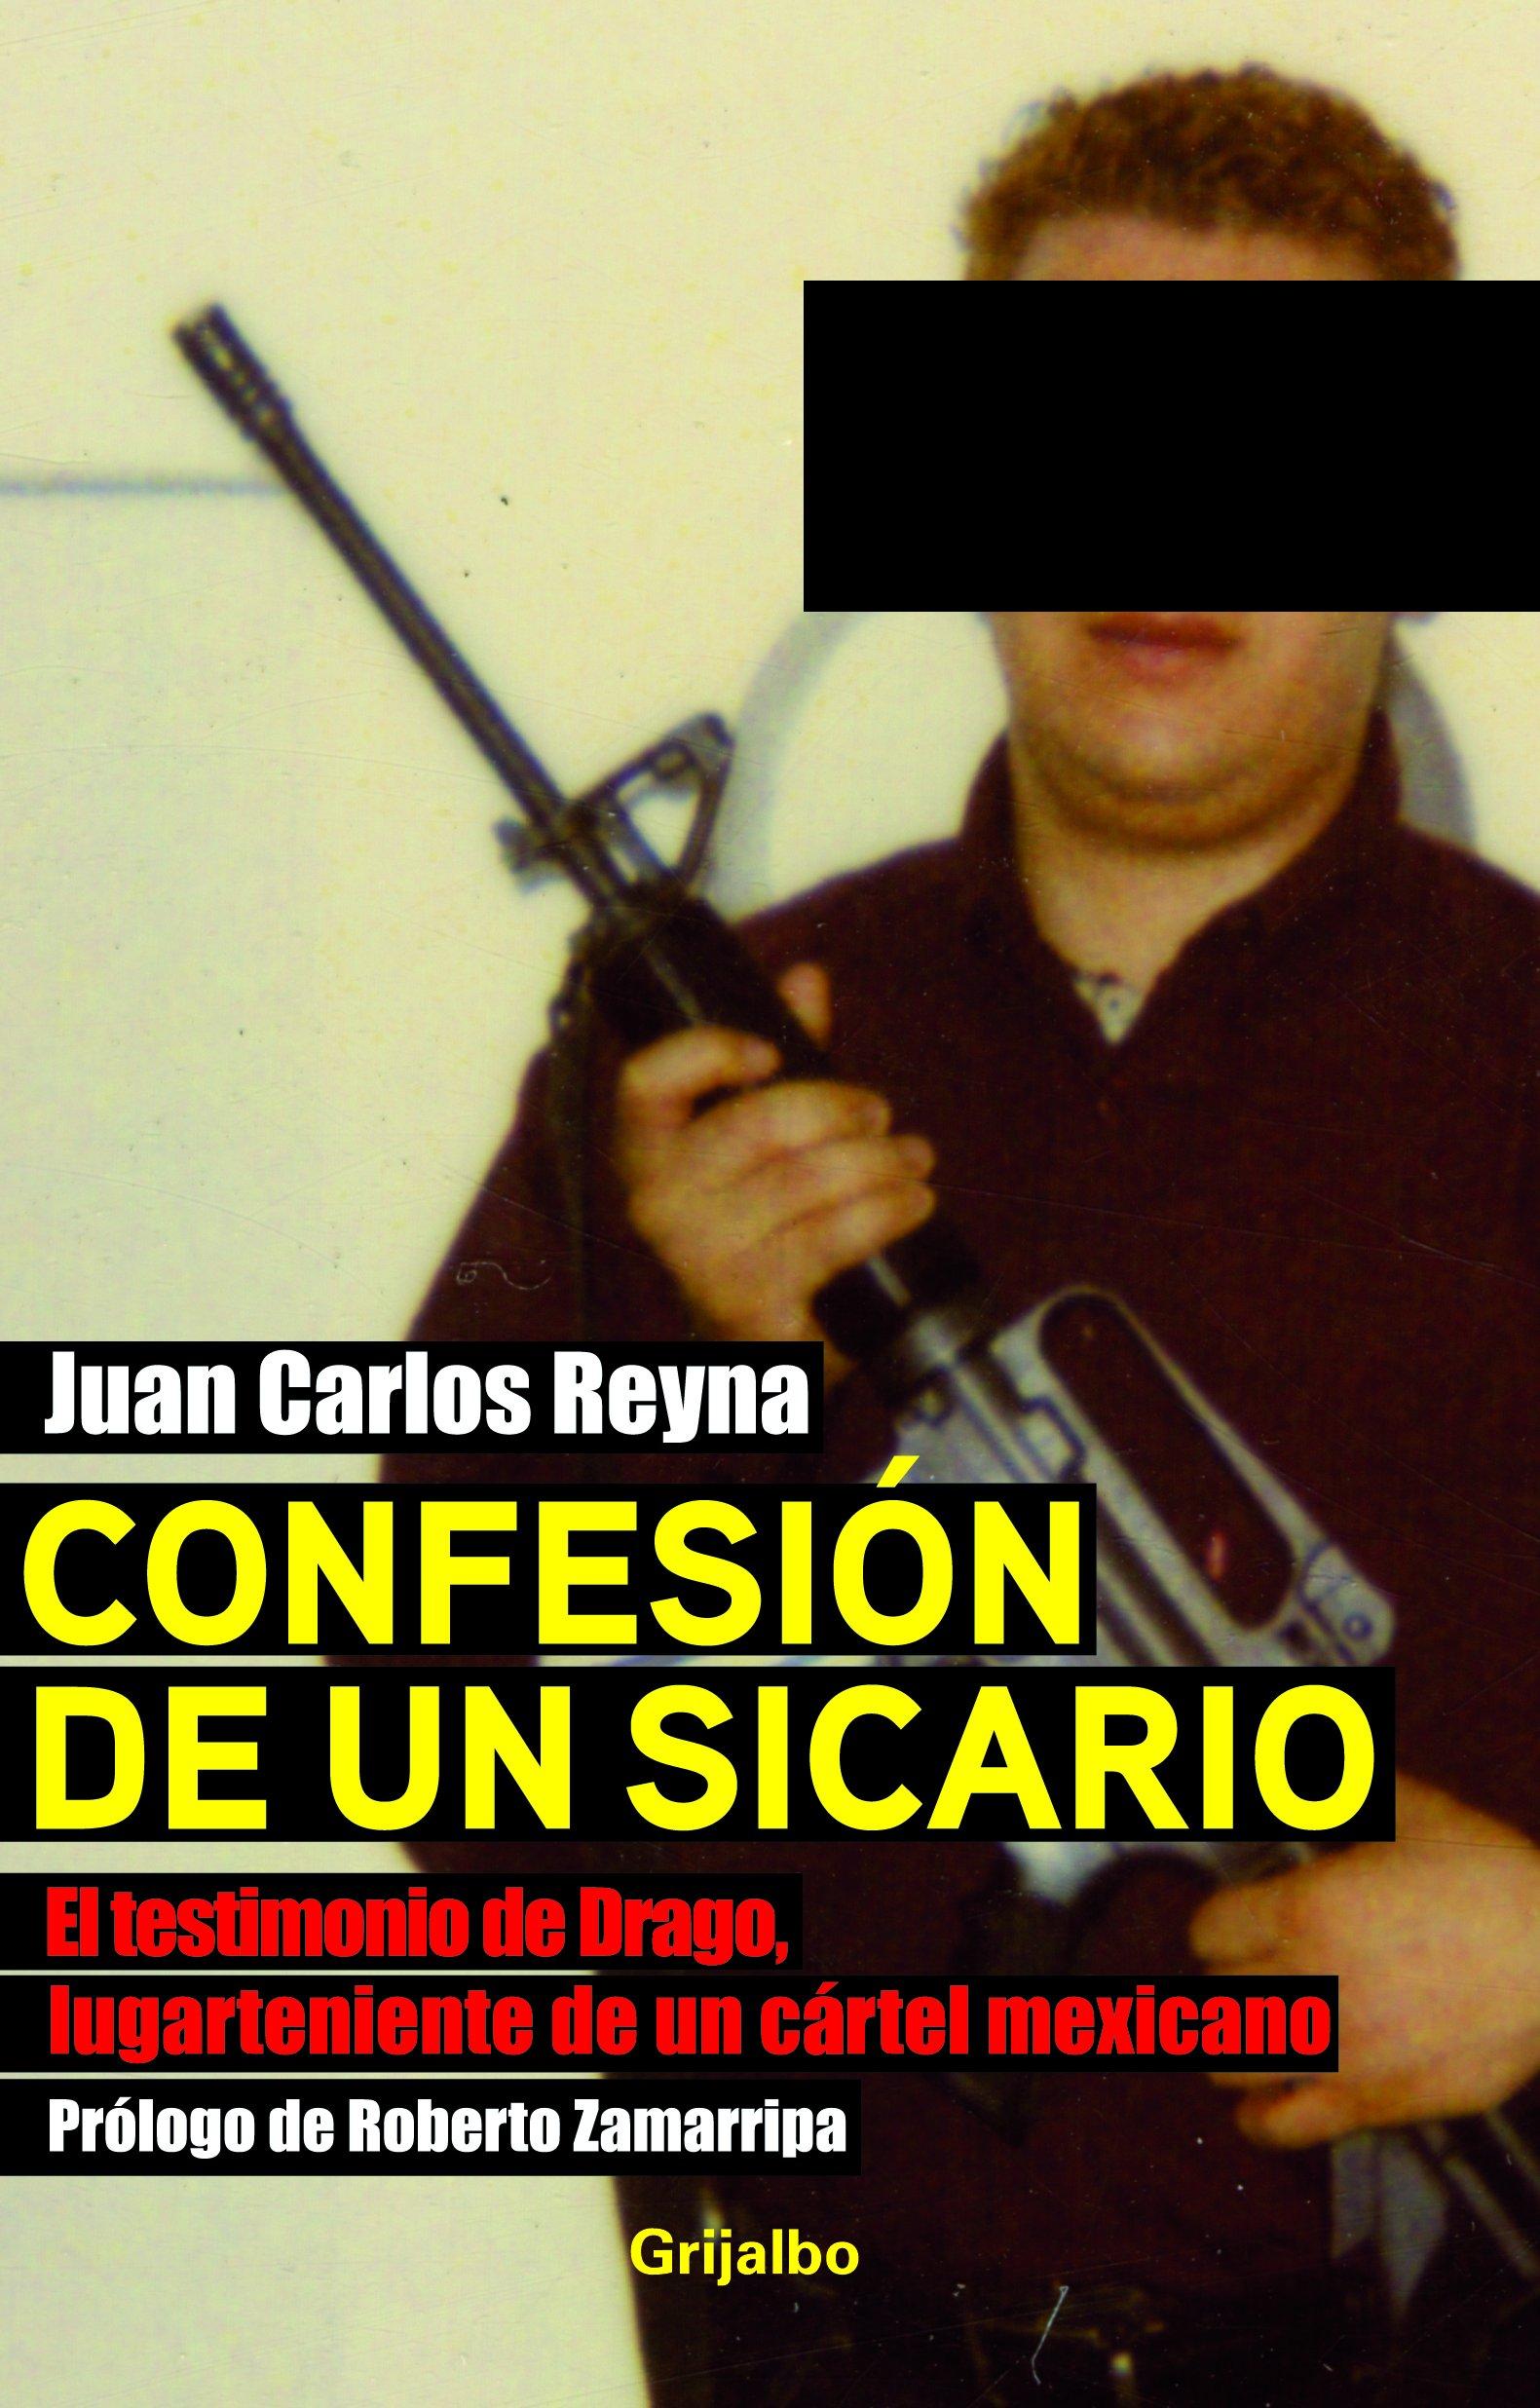 Confesion de un sicario (Spanish Edition) ebook